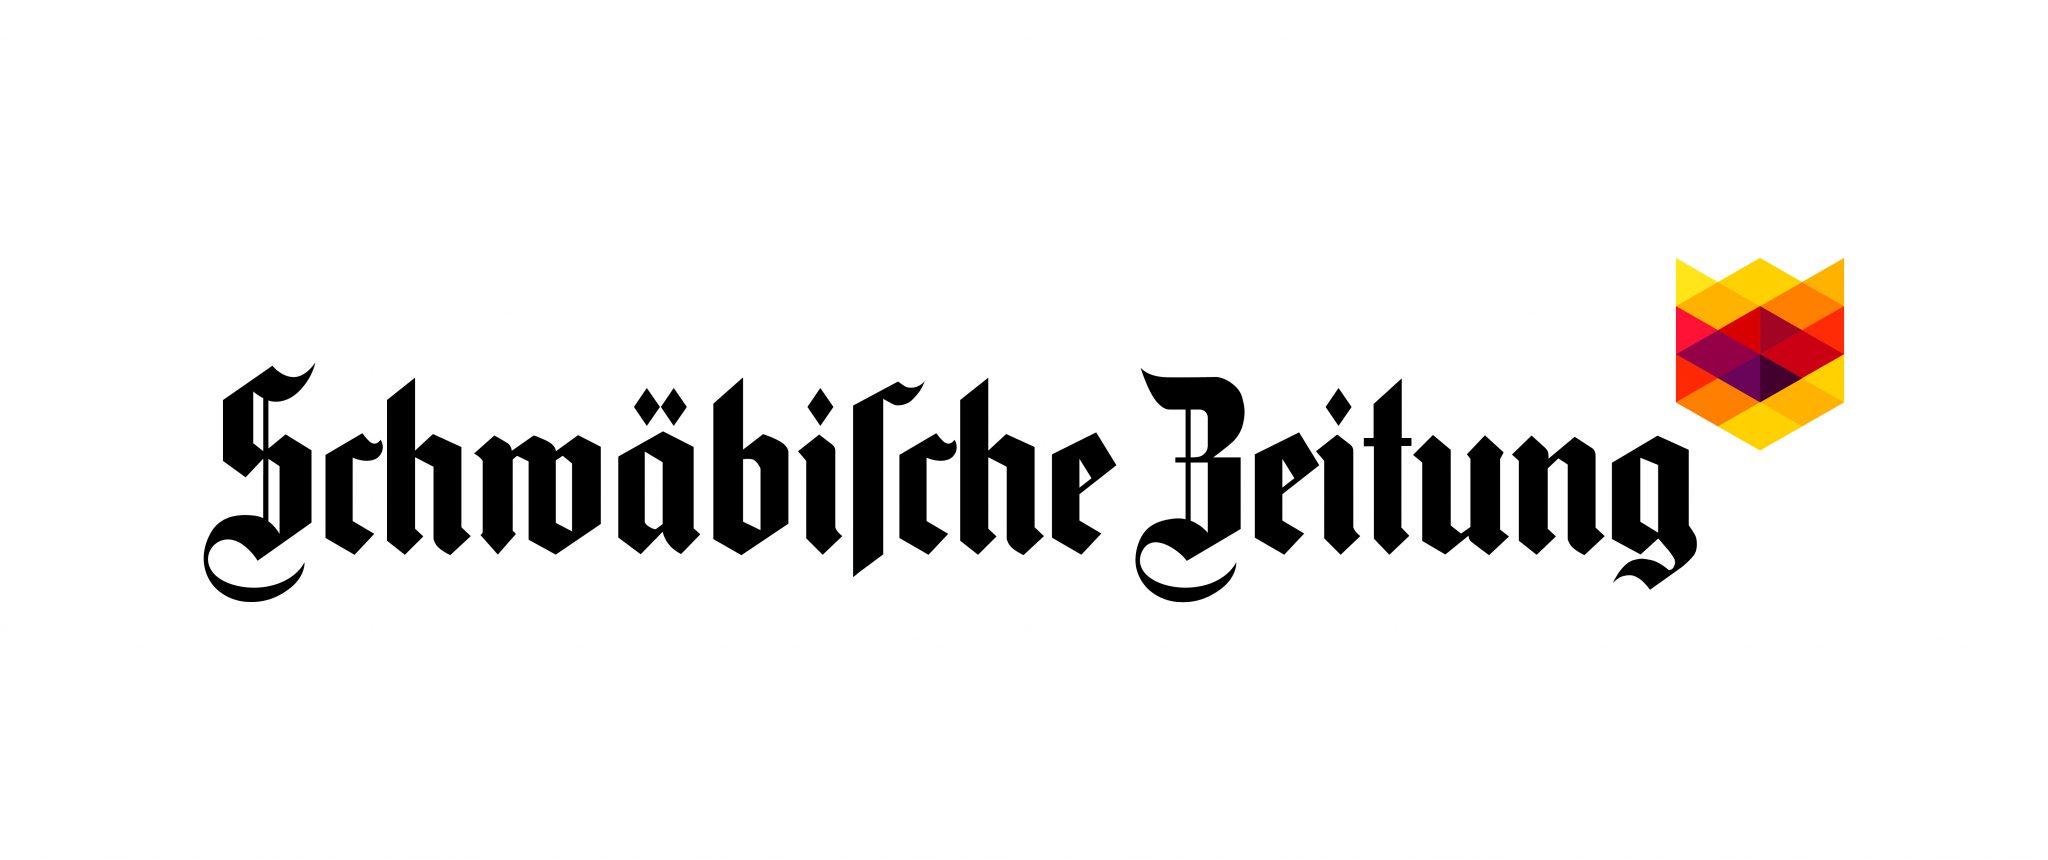 Schwaebische_Zeitung_Logo_CMYK